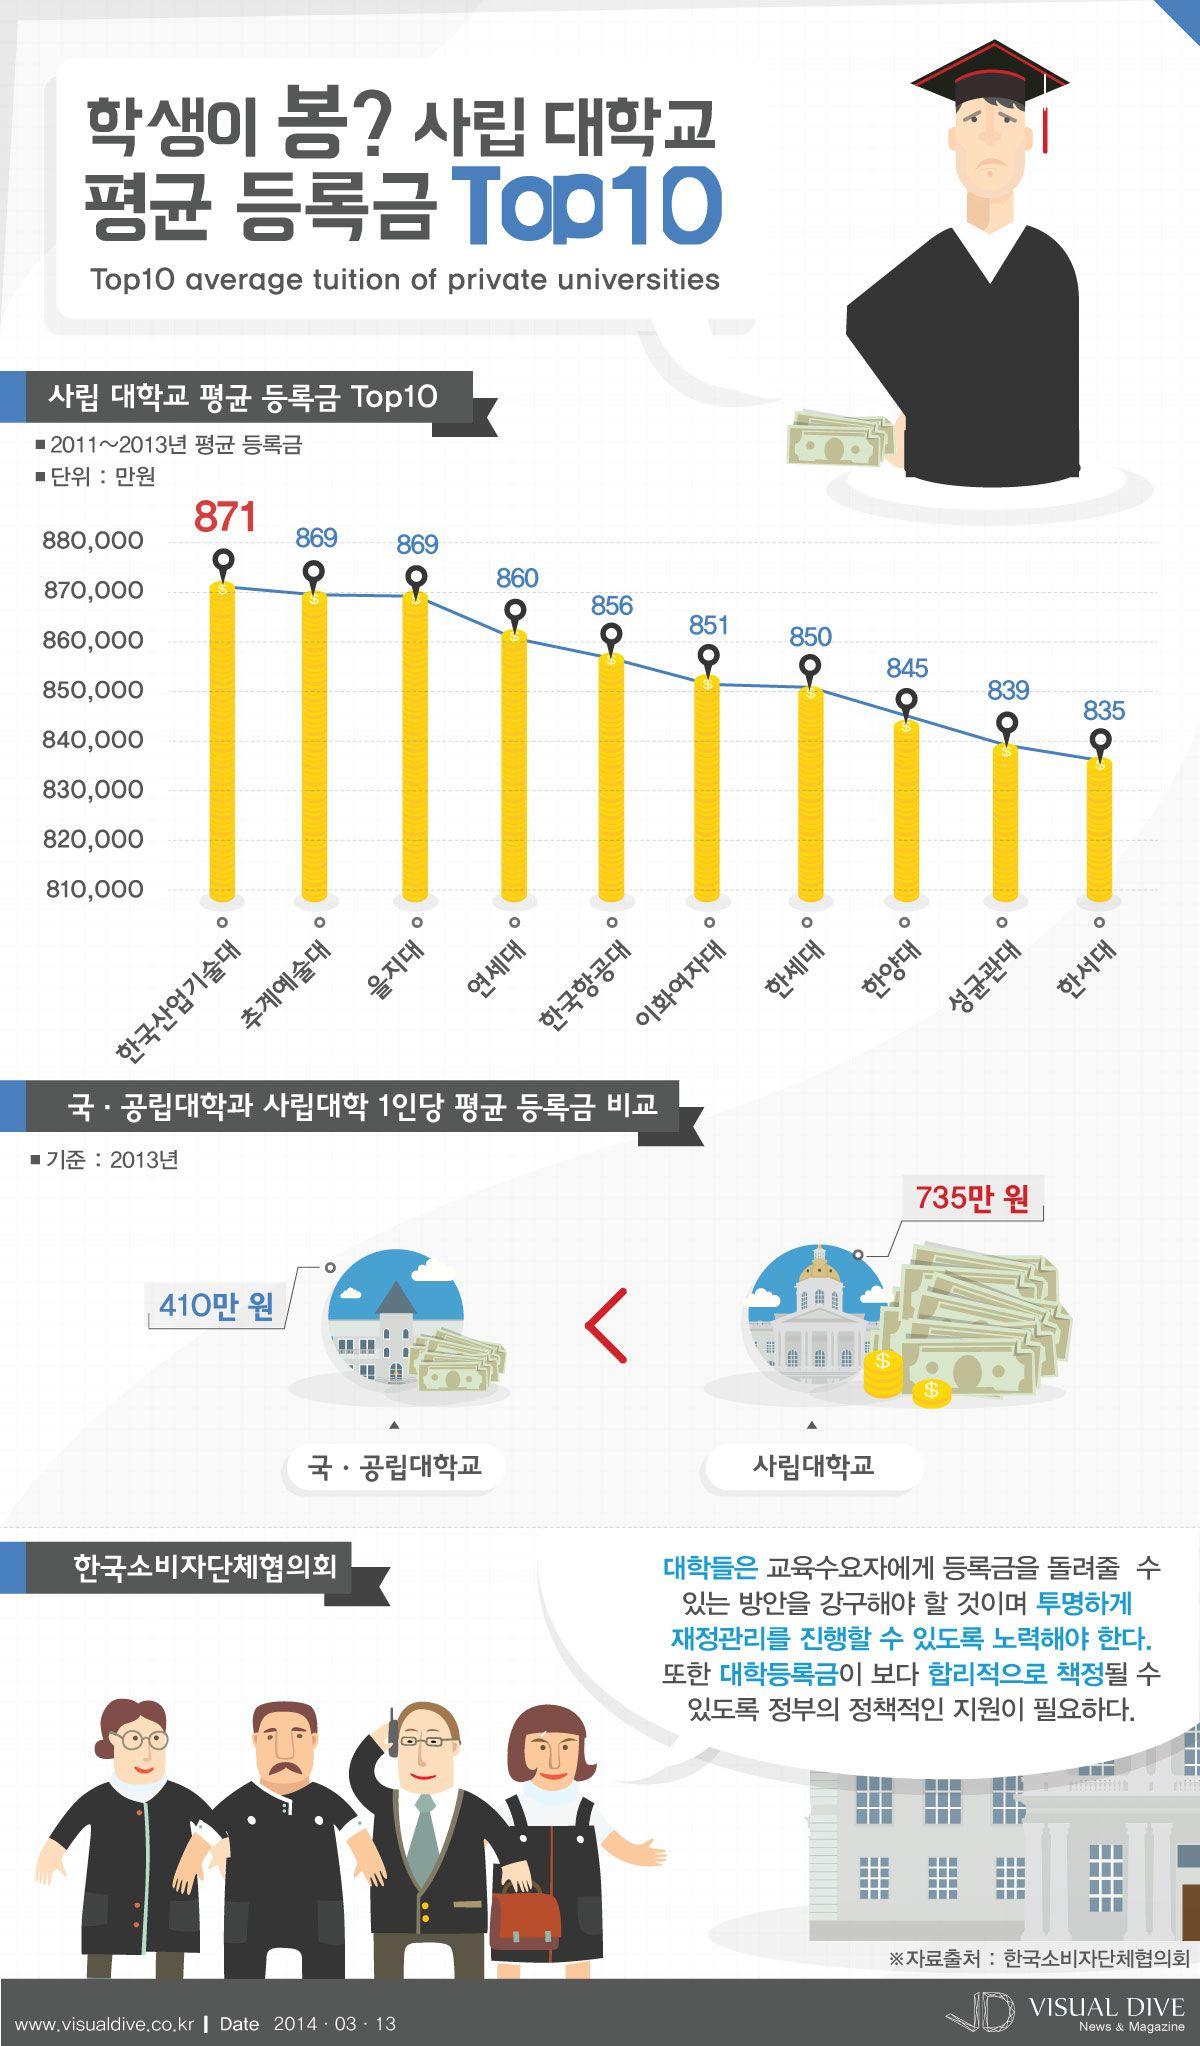 대학 등록금 순위, 한국산업기술대 871만원 1위 [인포그래픽] #tuition  #Infographic ⓒ 비주얼다이브 무단 복사·전재·재배포 금지